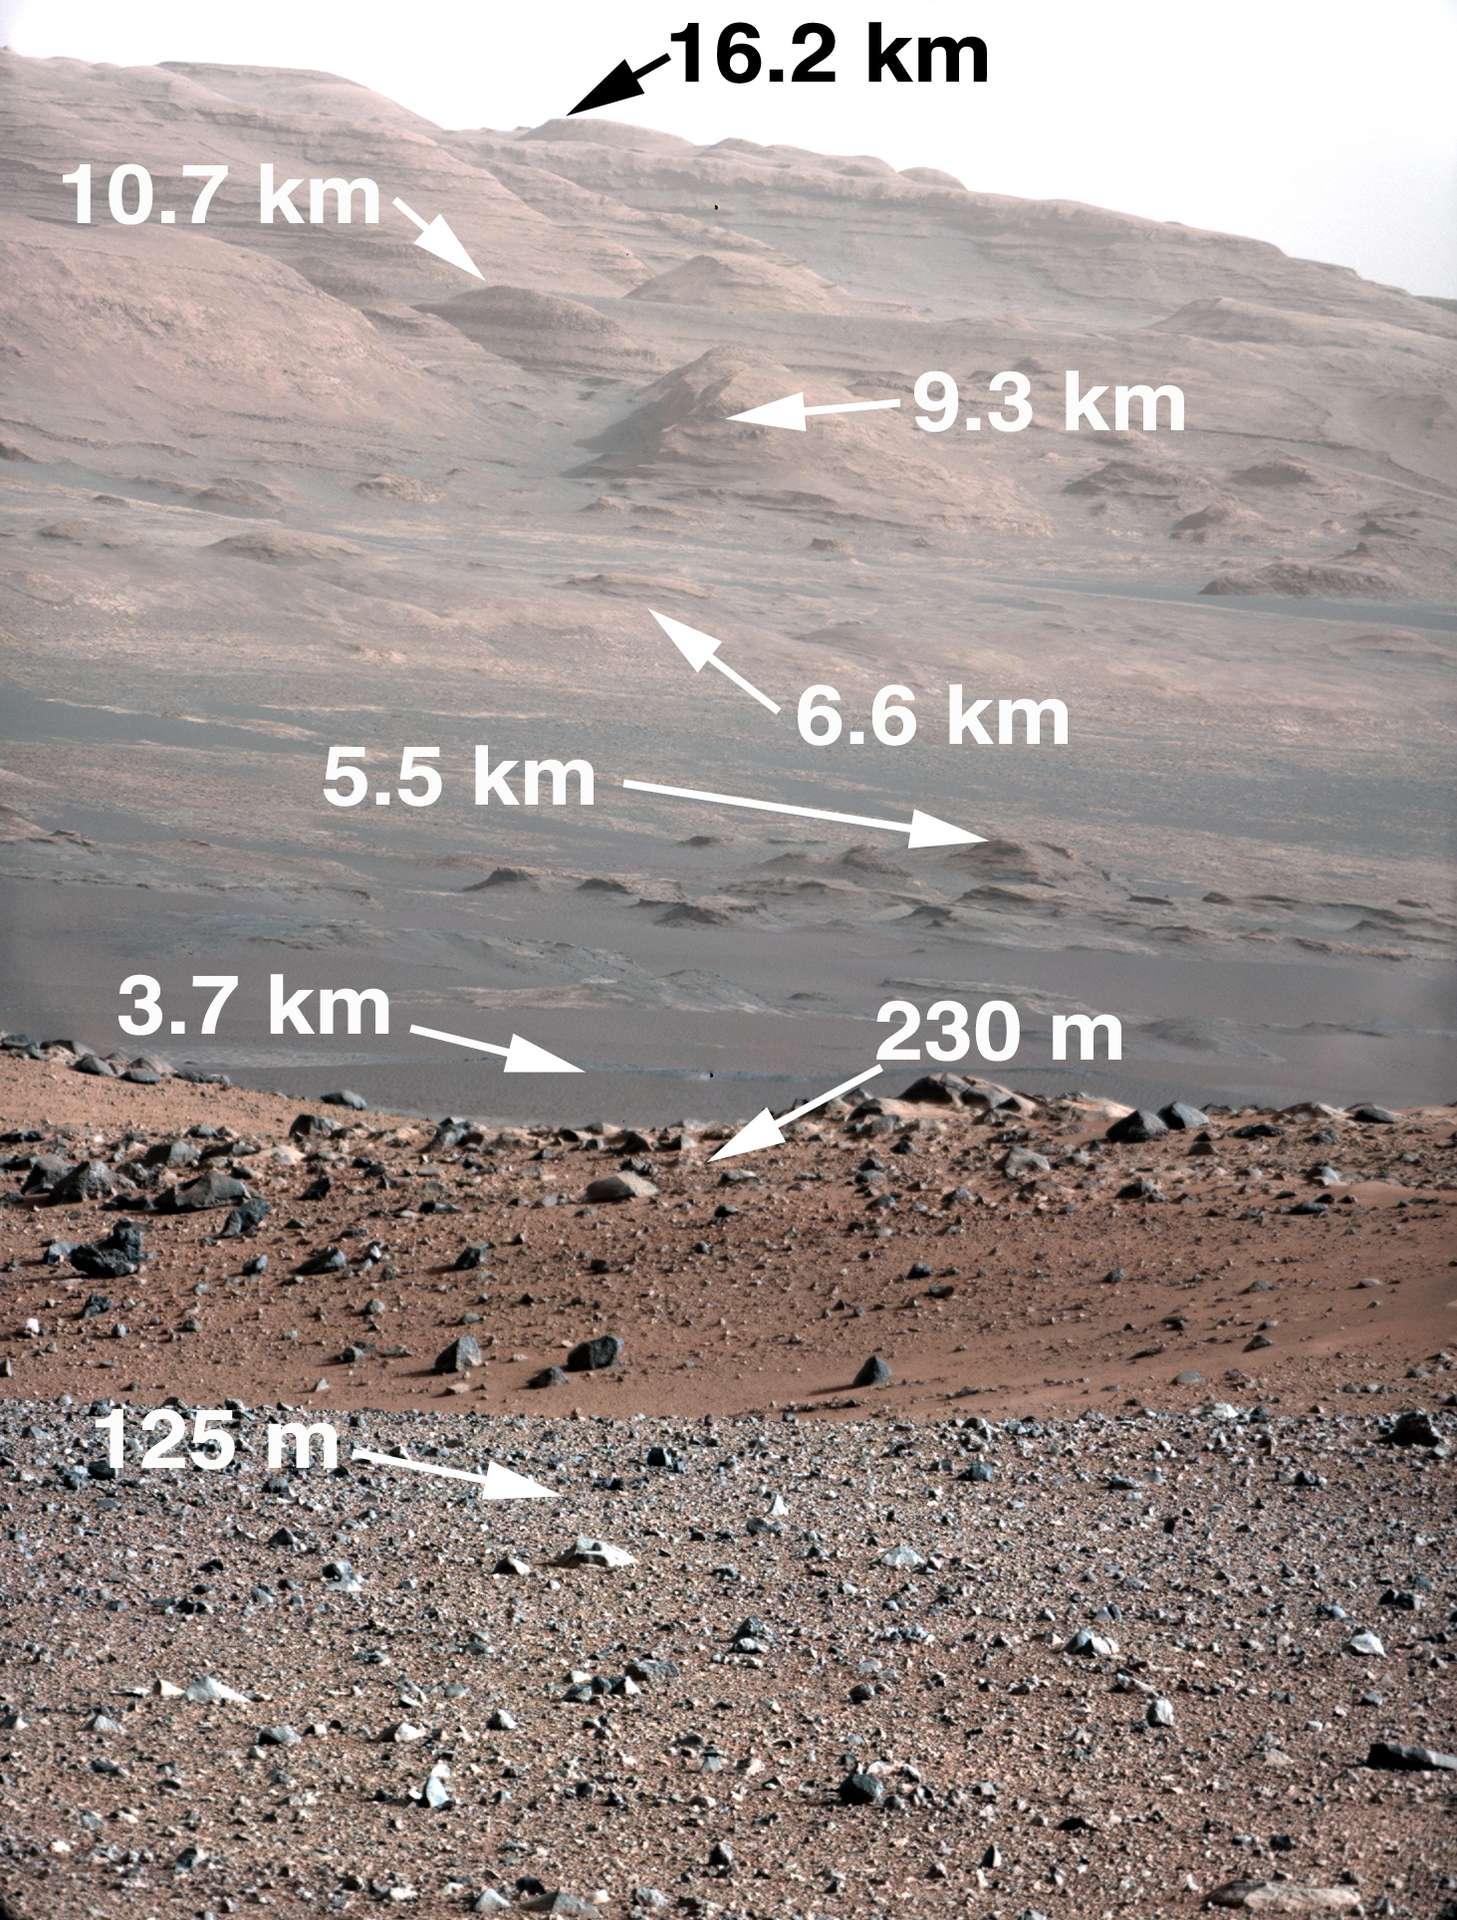 La même image, prise avec la caméra Mastcam, avec les indications de distance. Curiosity rejoindra la mont Scharp l'an prochain. © Nasa/JPL-Caltech/MSSS